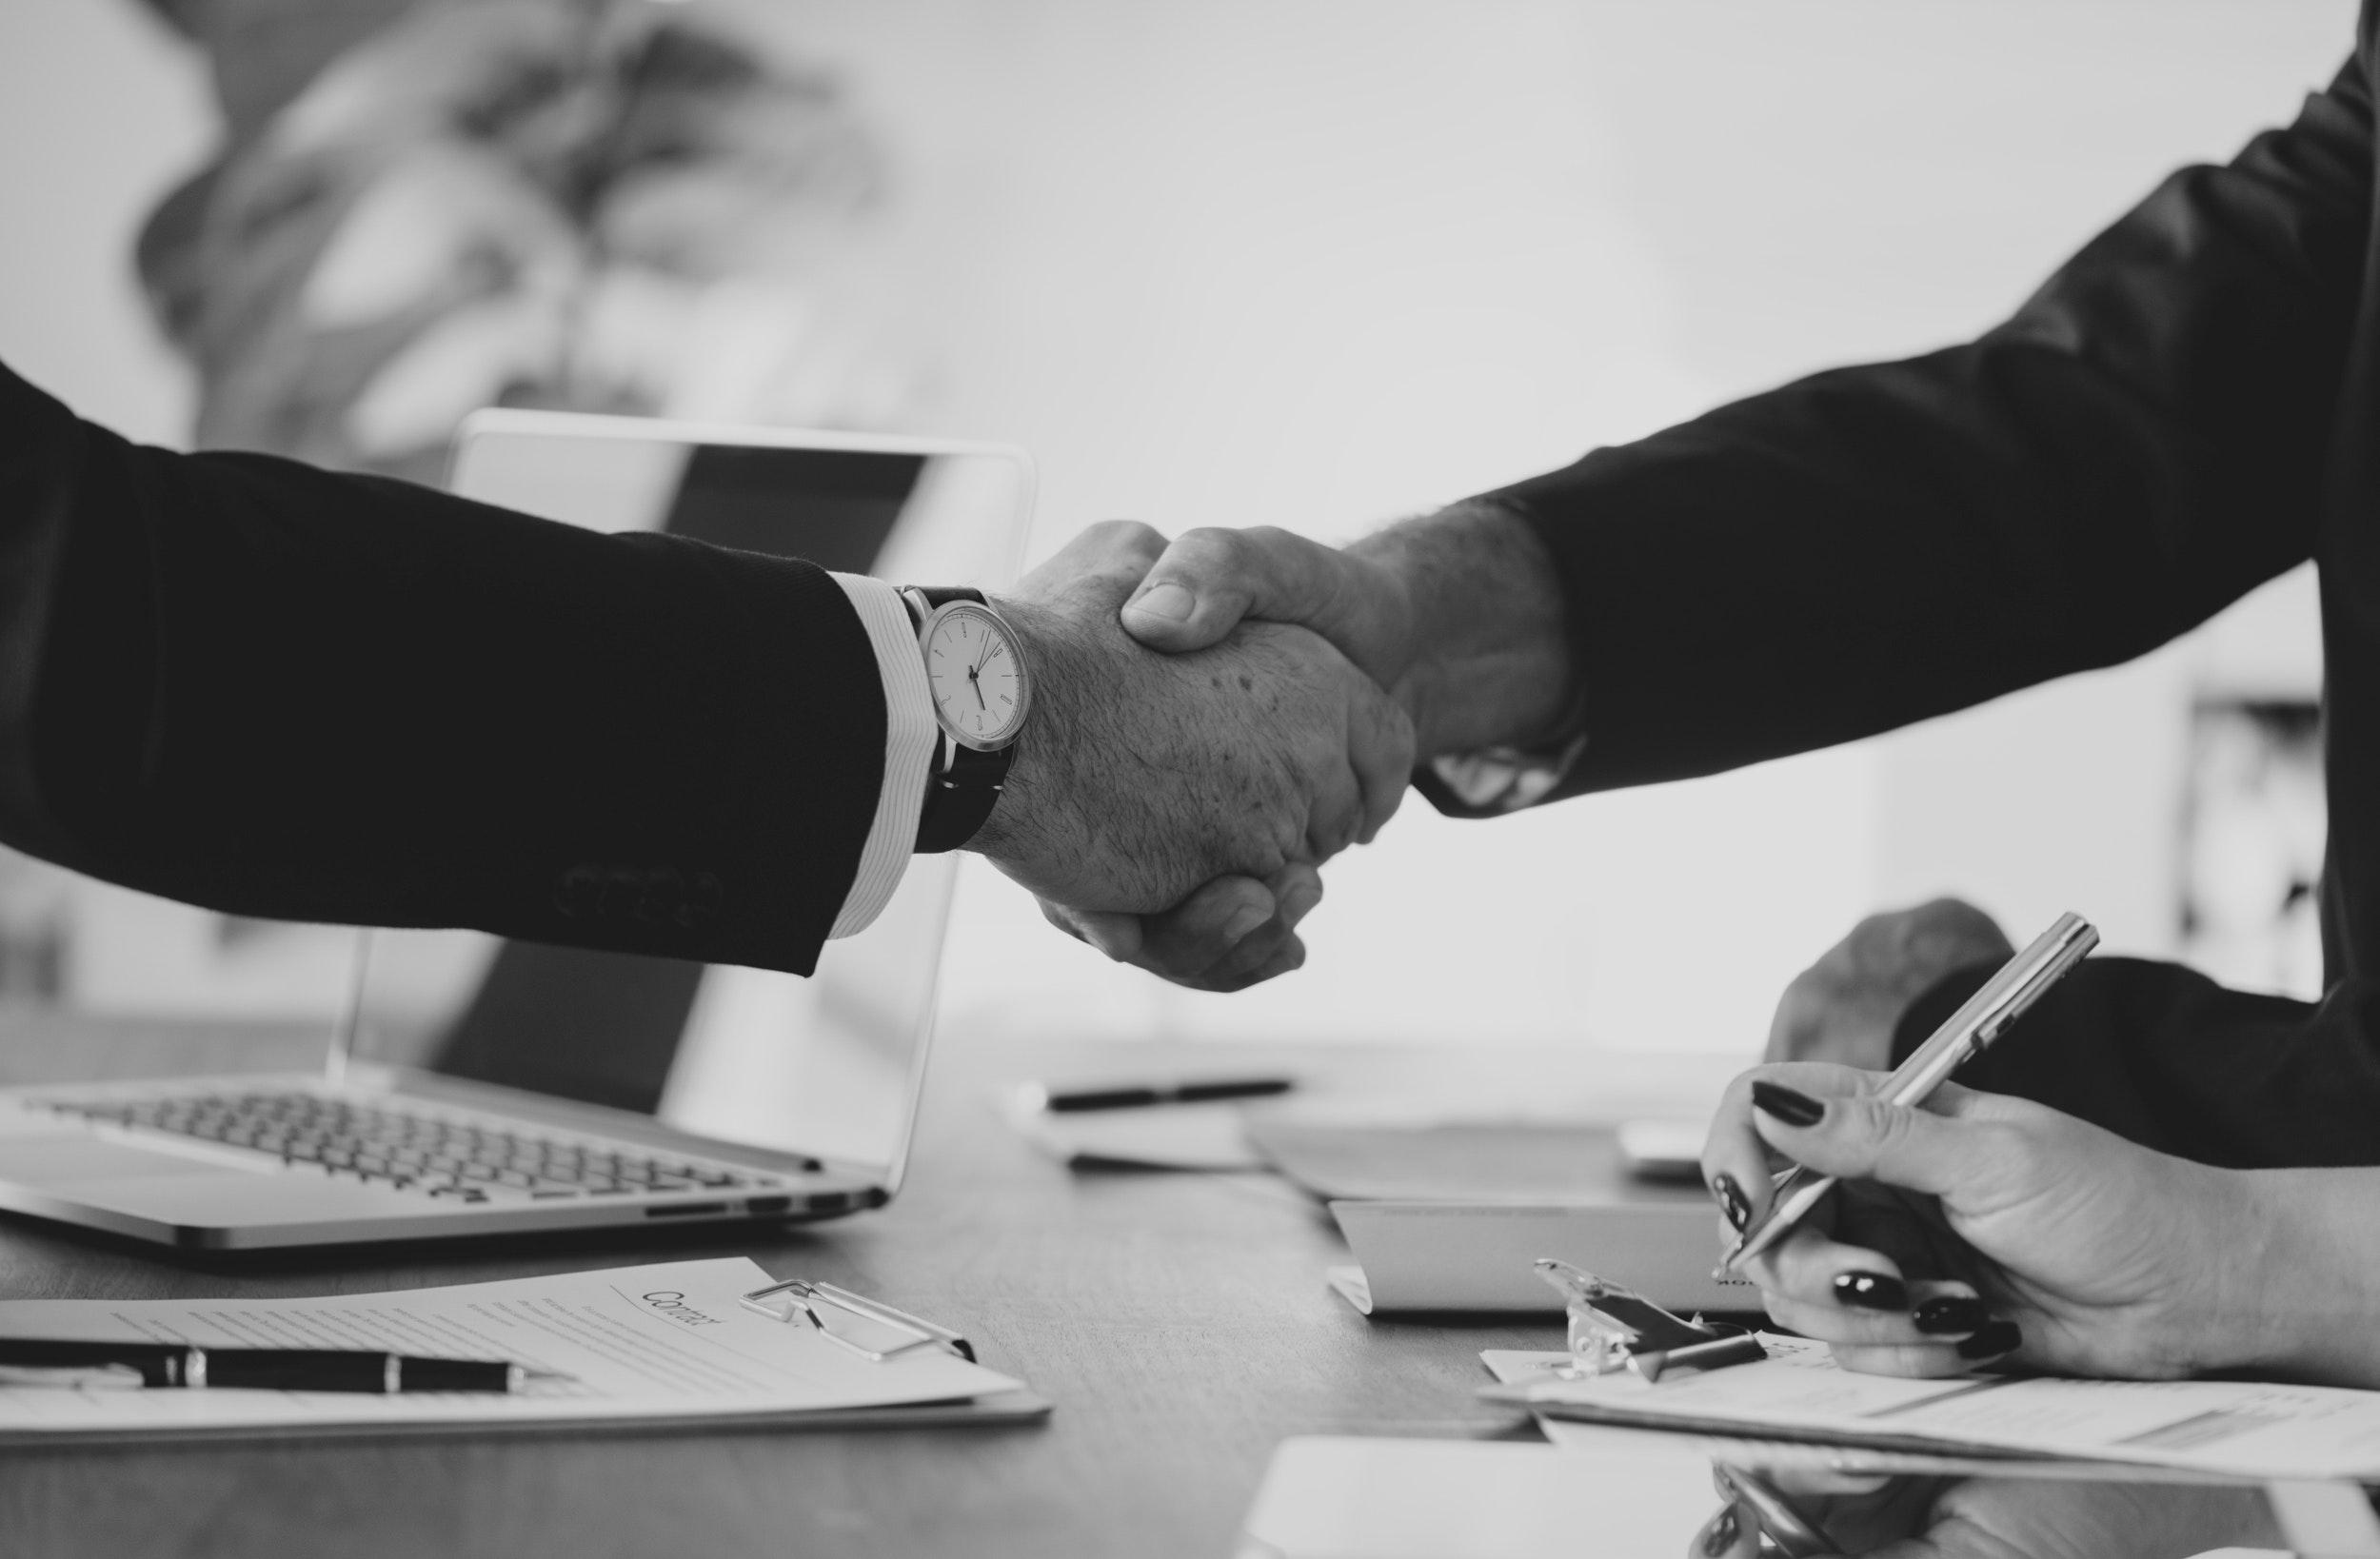 Archimede – Net Insurance, sottoscritto l'accordo di fusione